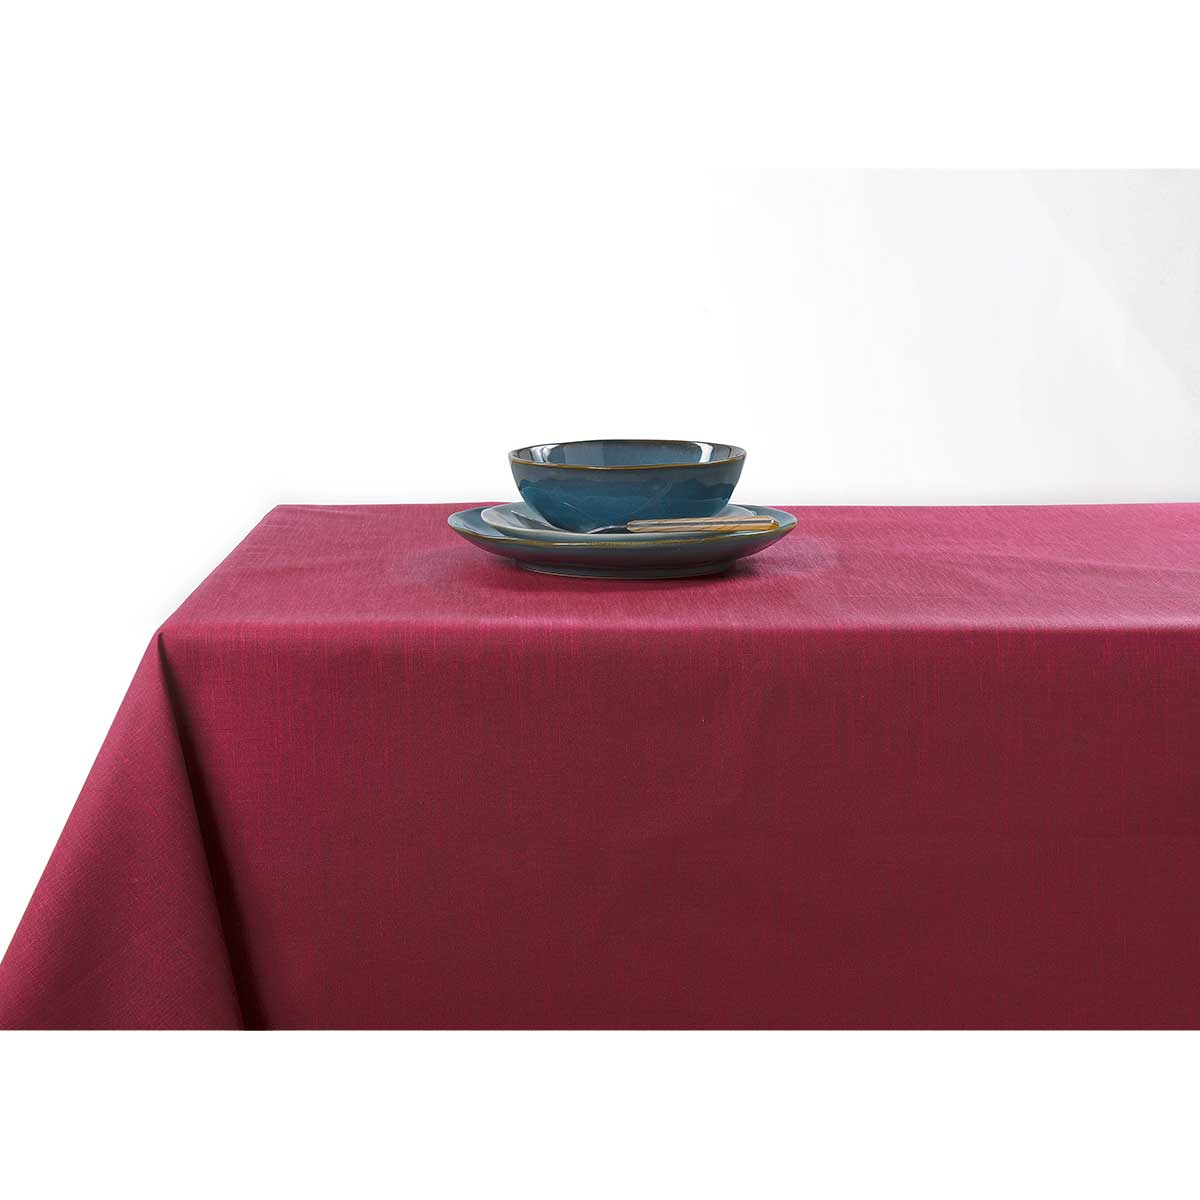 Nappe enduite anti taches aux couleurs acidulées - Bordeaux - 150 x 200 cm